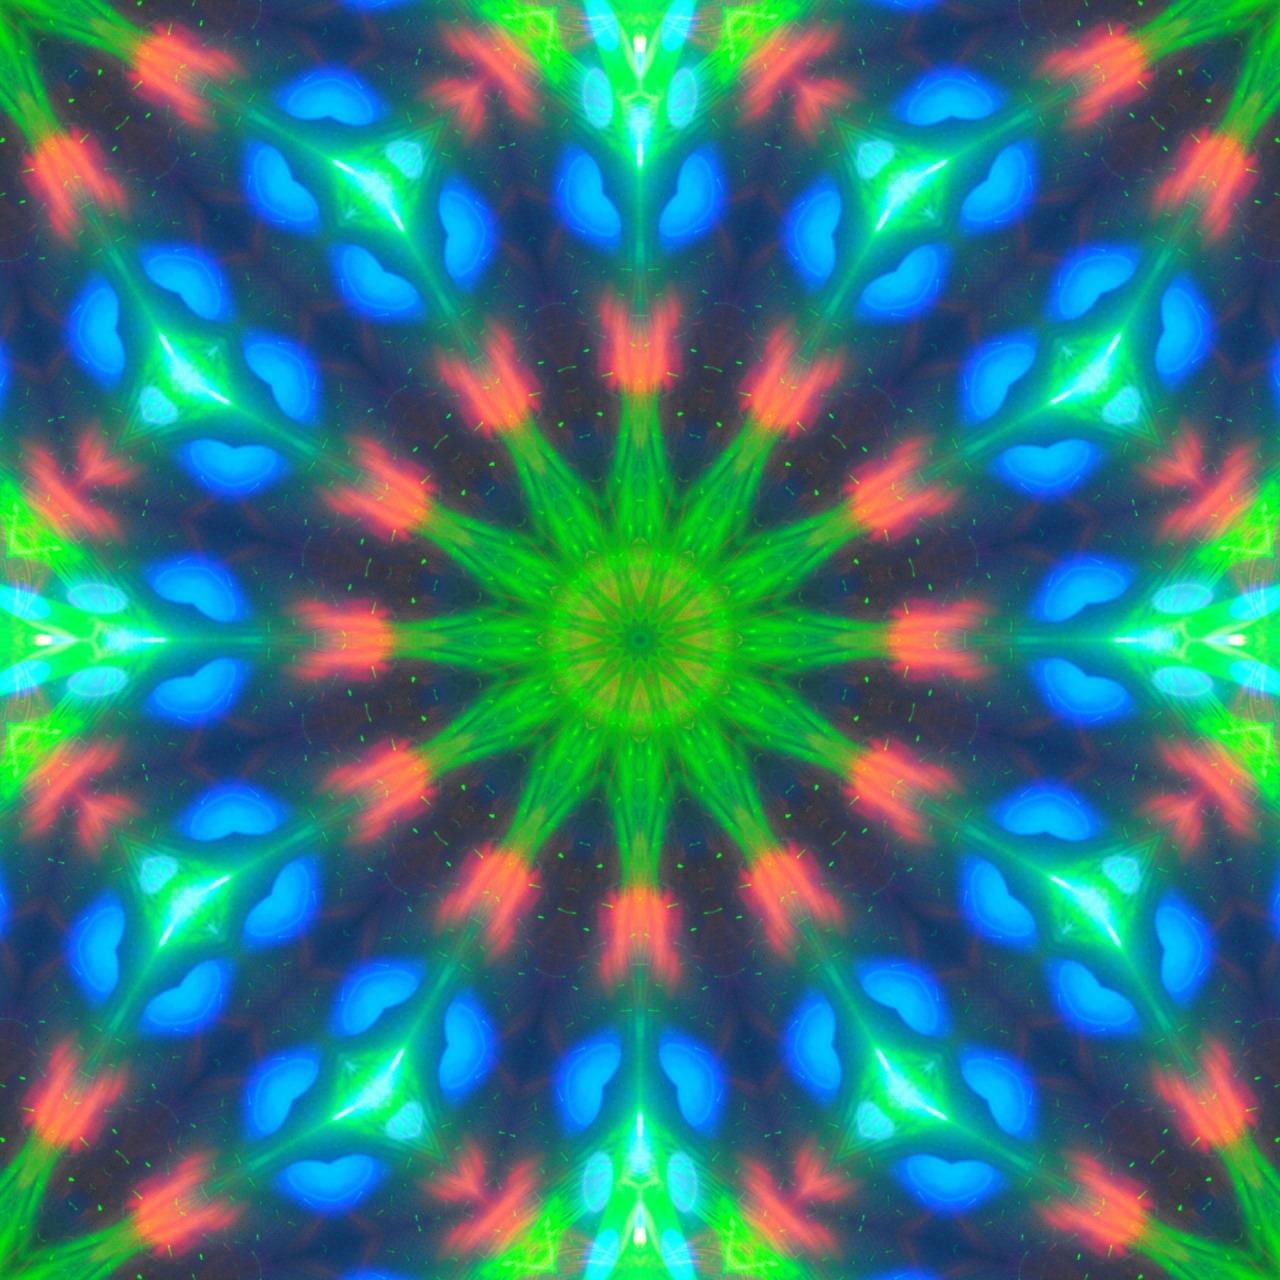 n3zbl8MGRa1t7leygo1_1280-brian-moss.jpg